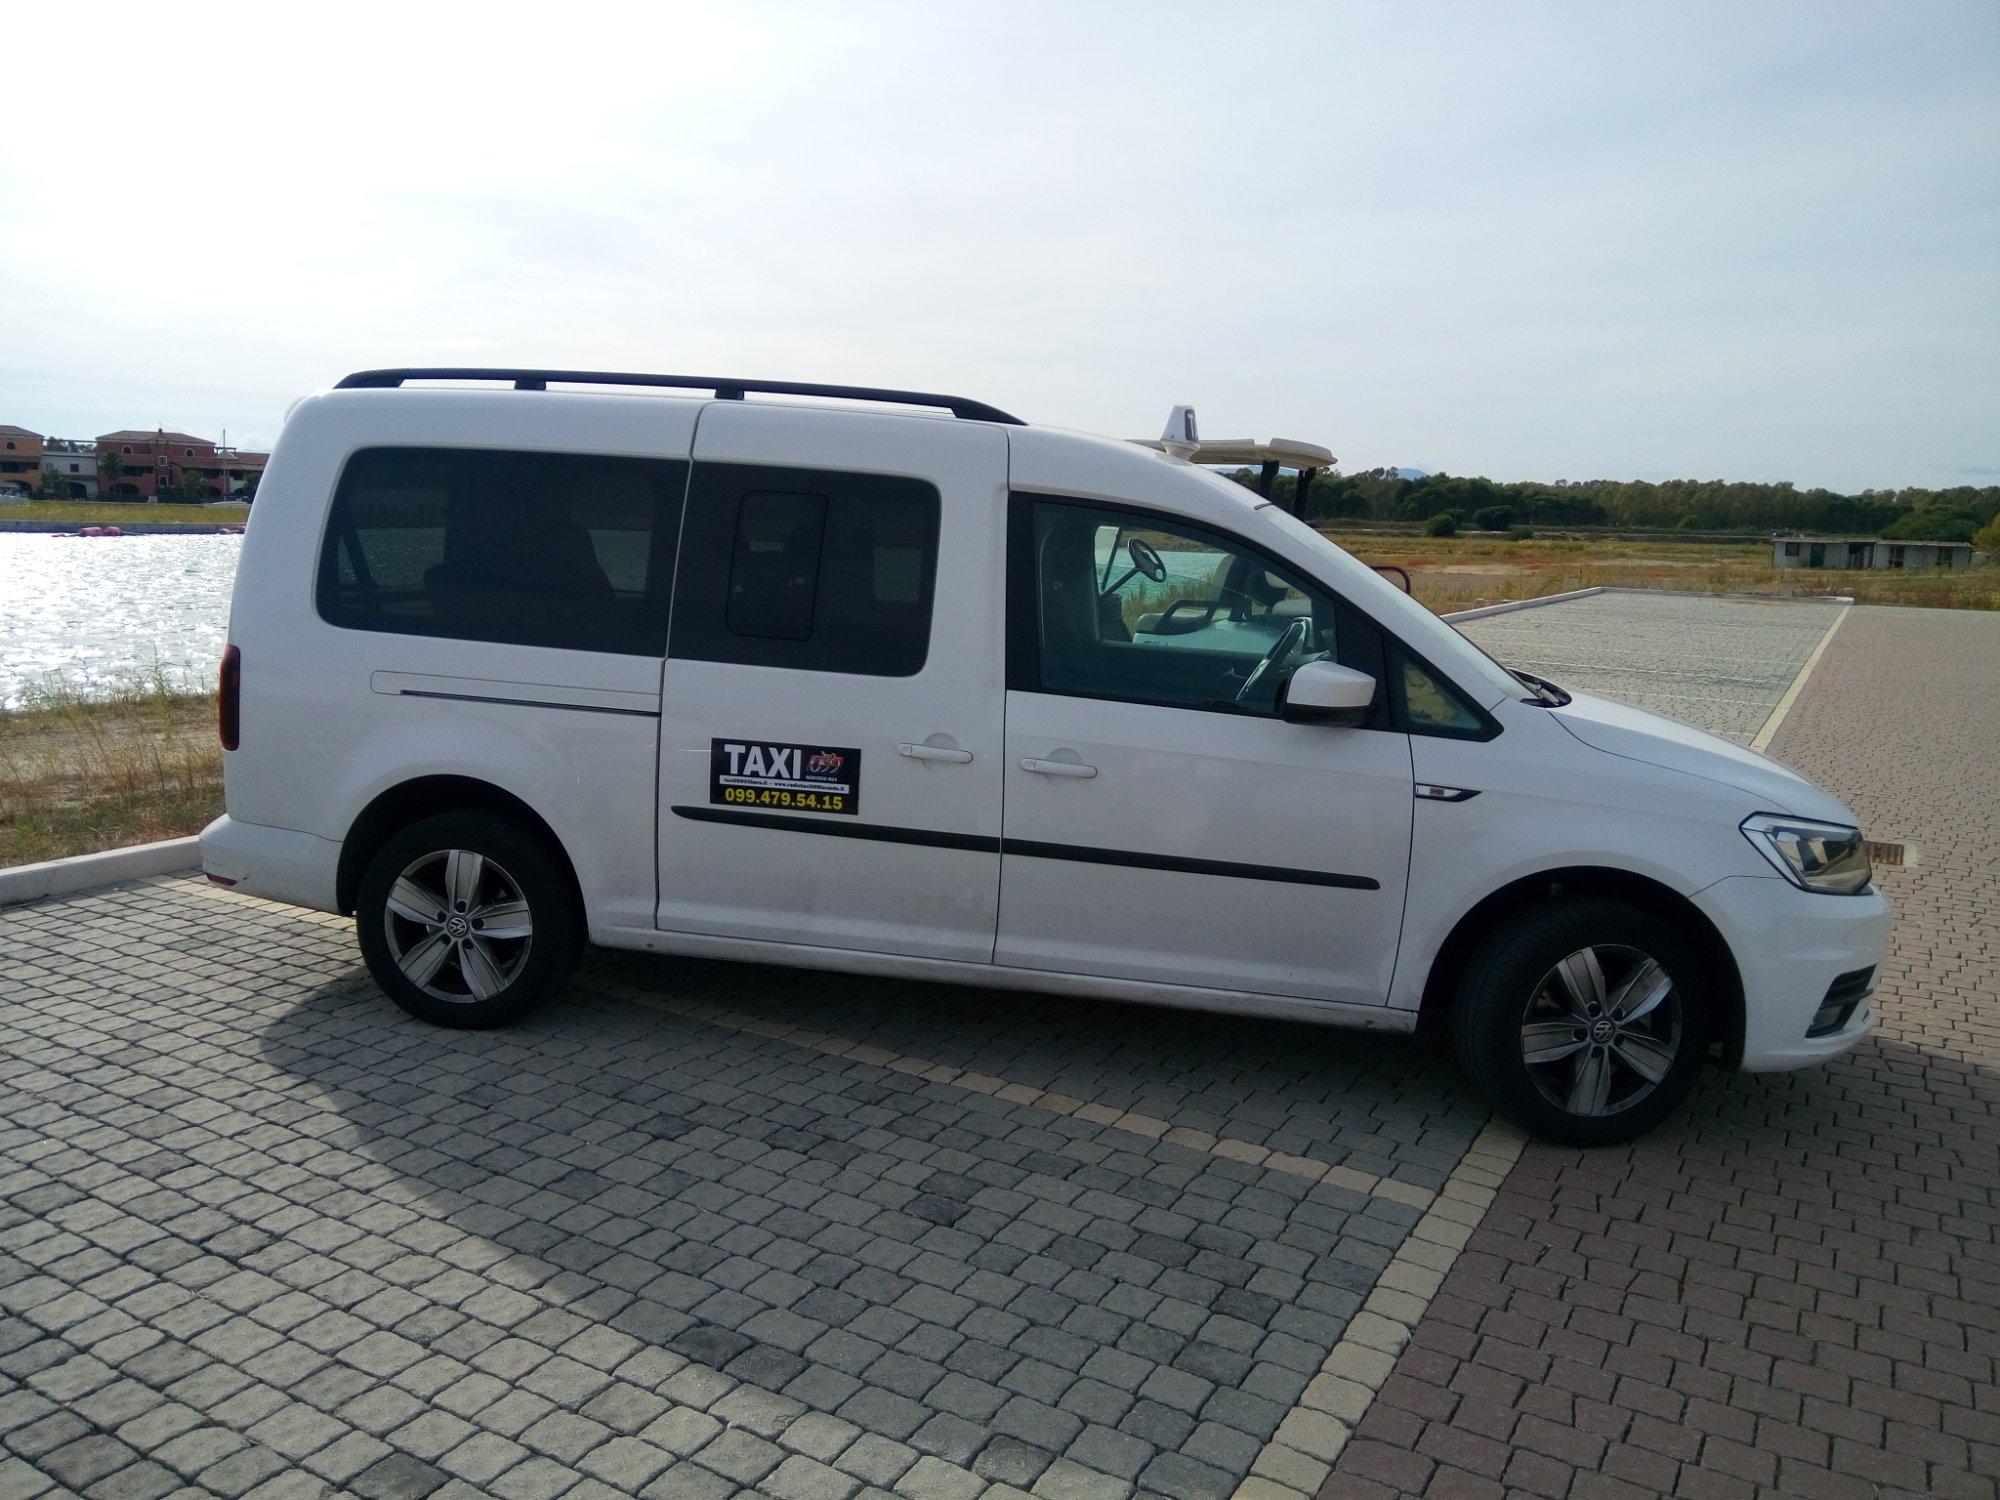 Taxi 099